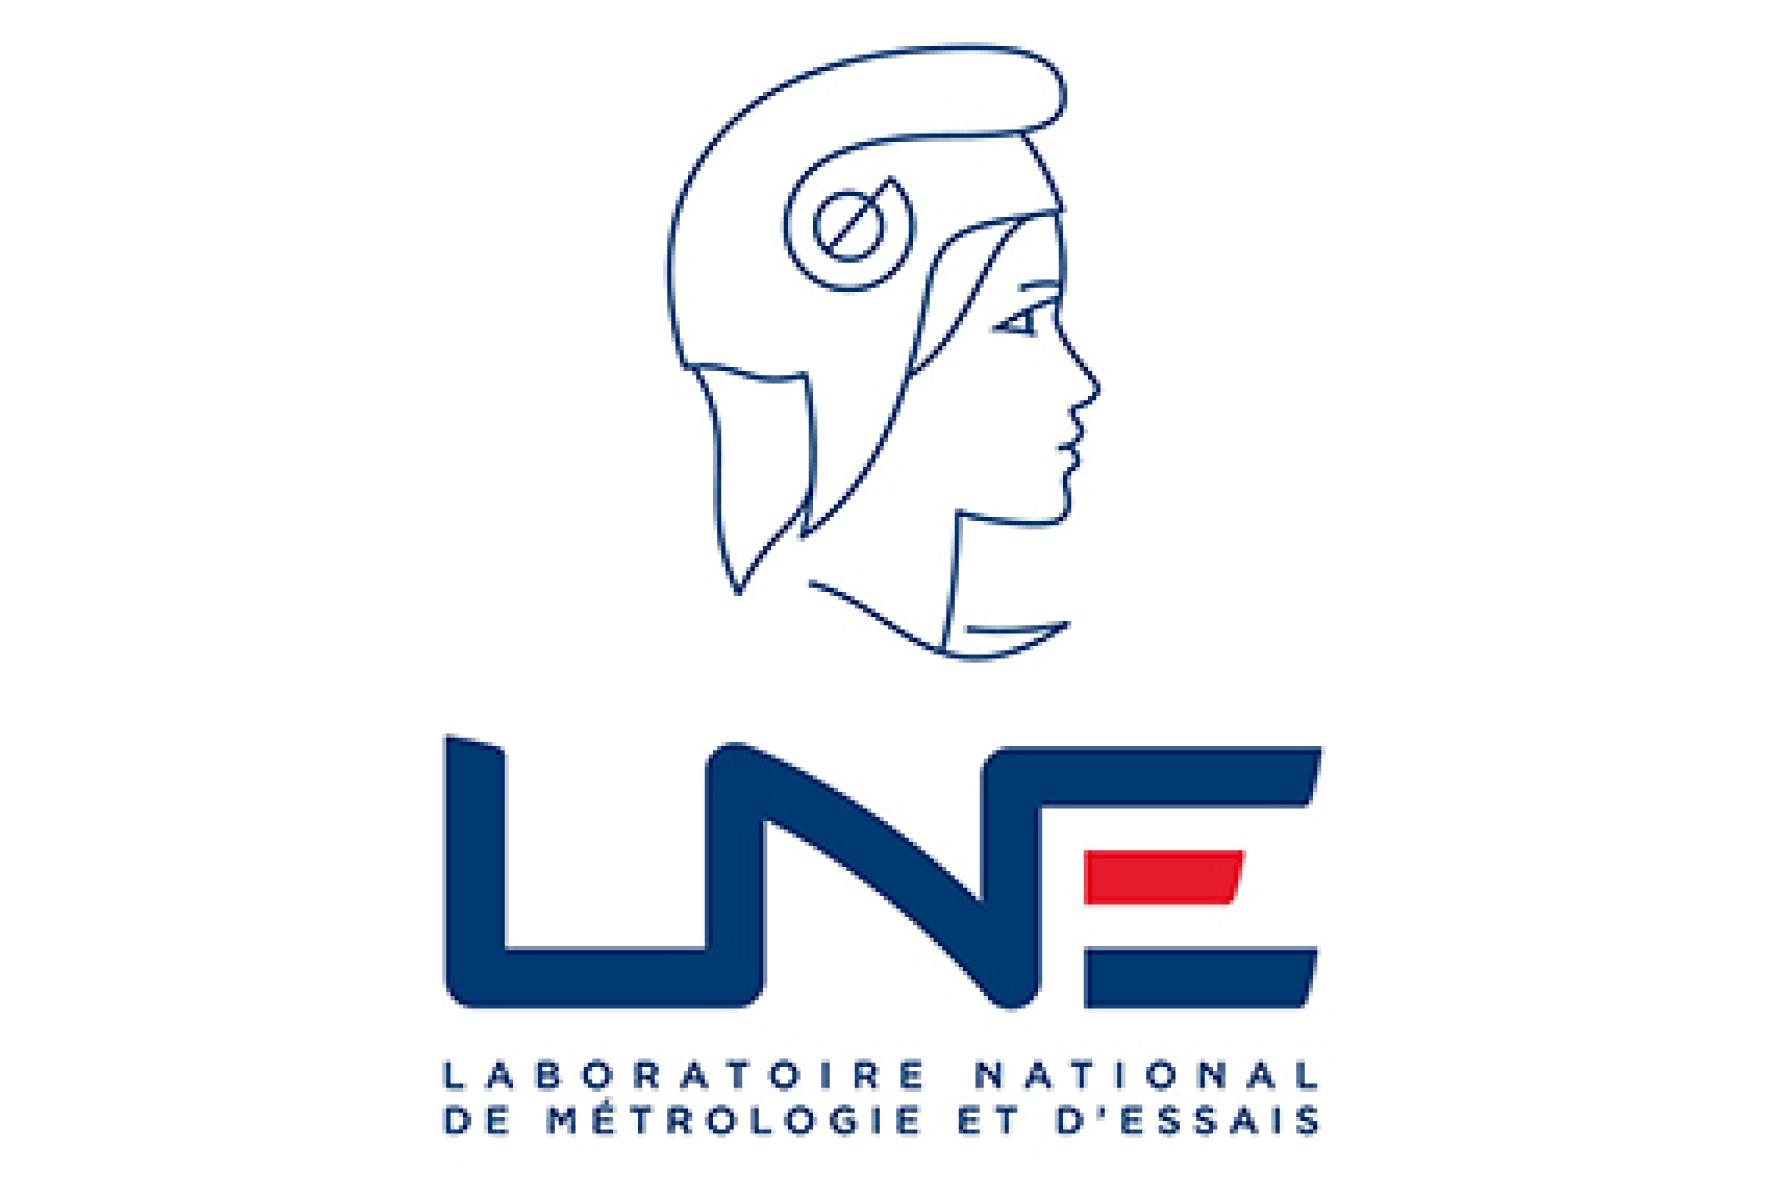 LOGO LNE Laboratoire national de metrologie et d'essais